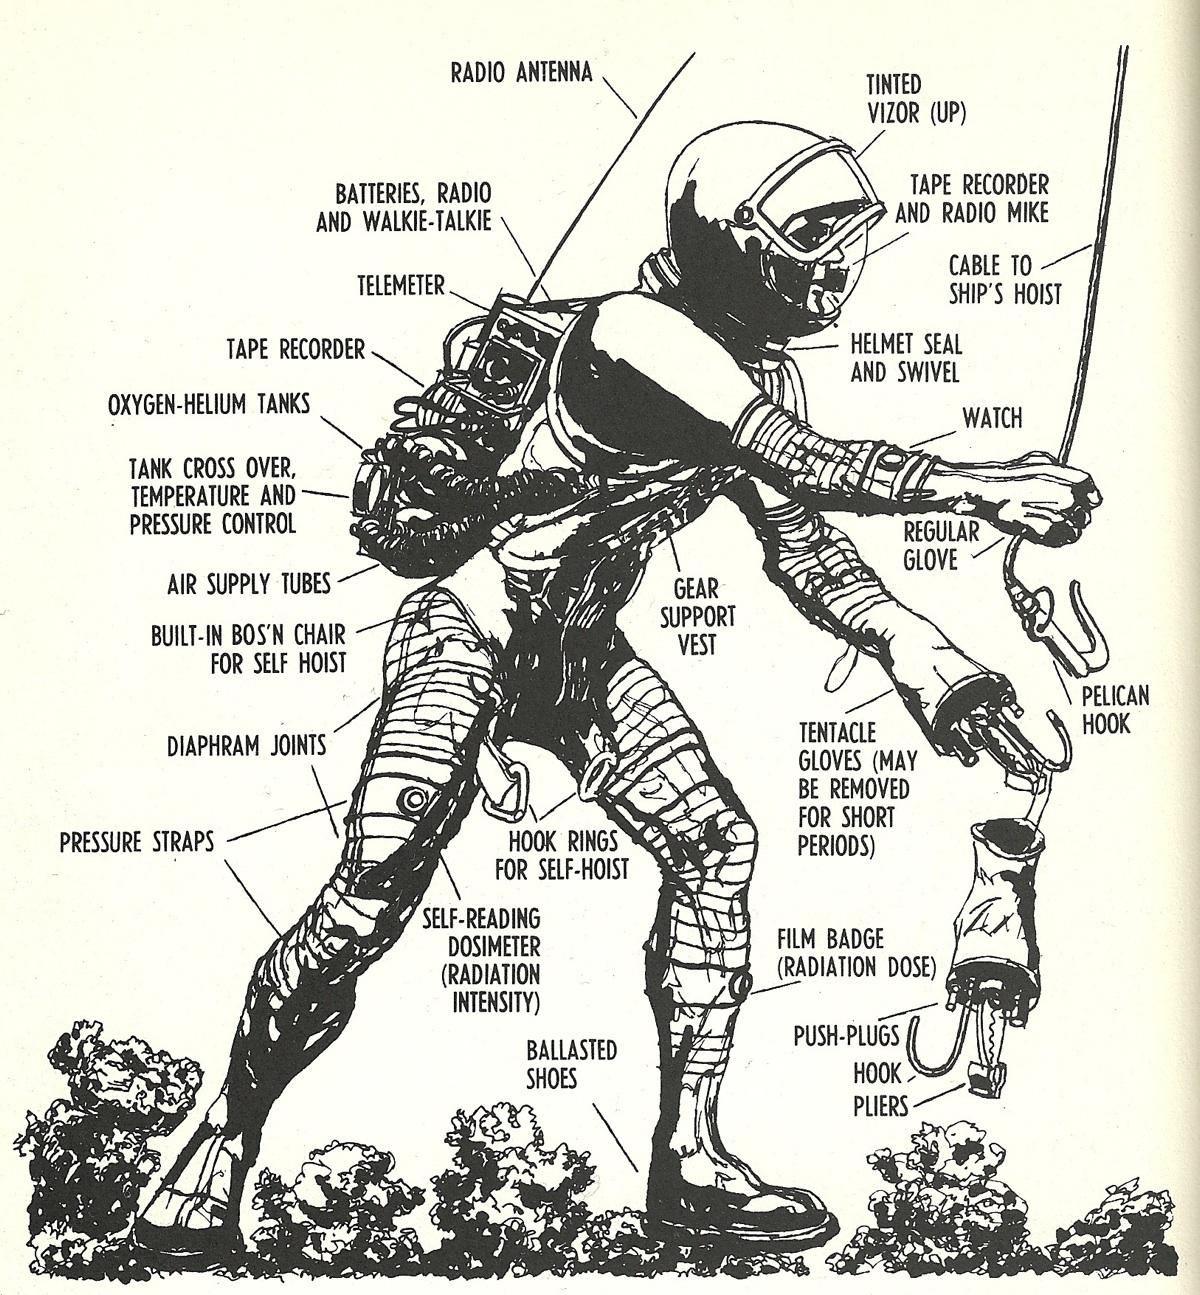 1958 von braun spacesuit paleo-future.jpg